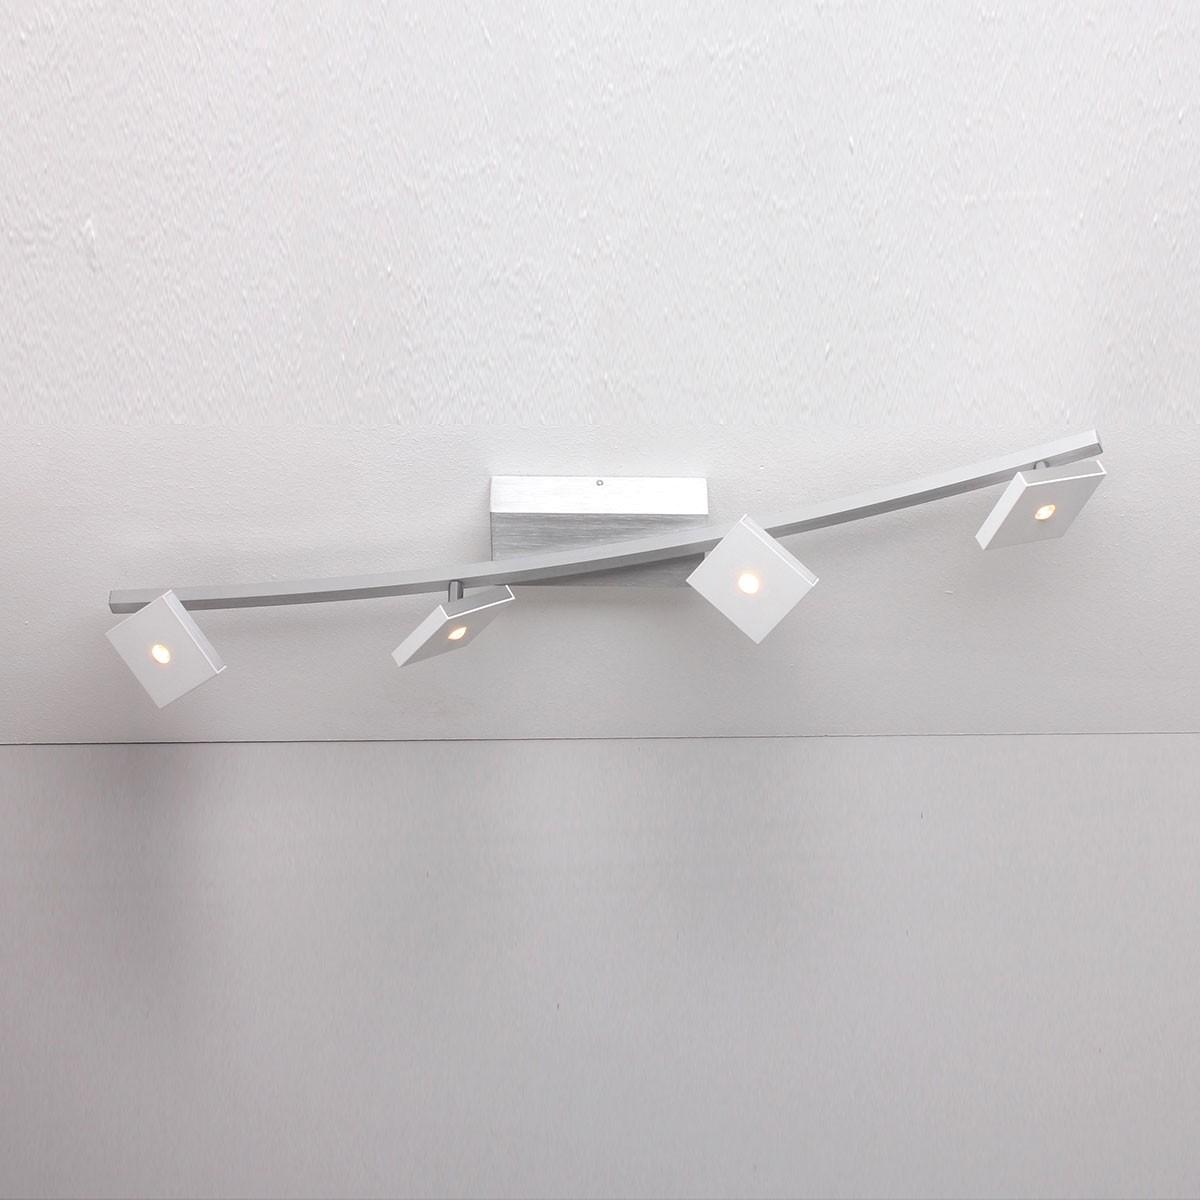 Bopp Domino LED Deckenleuchte, 4-flg., Aluminium geschliffen - weiß